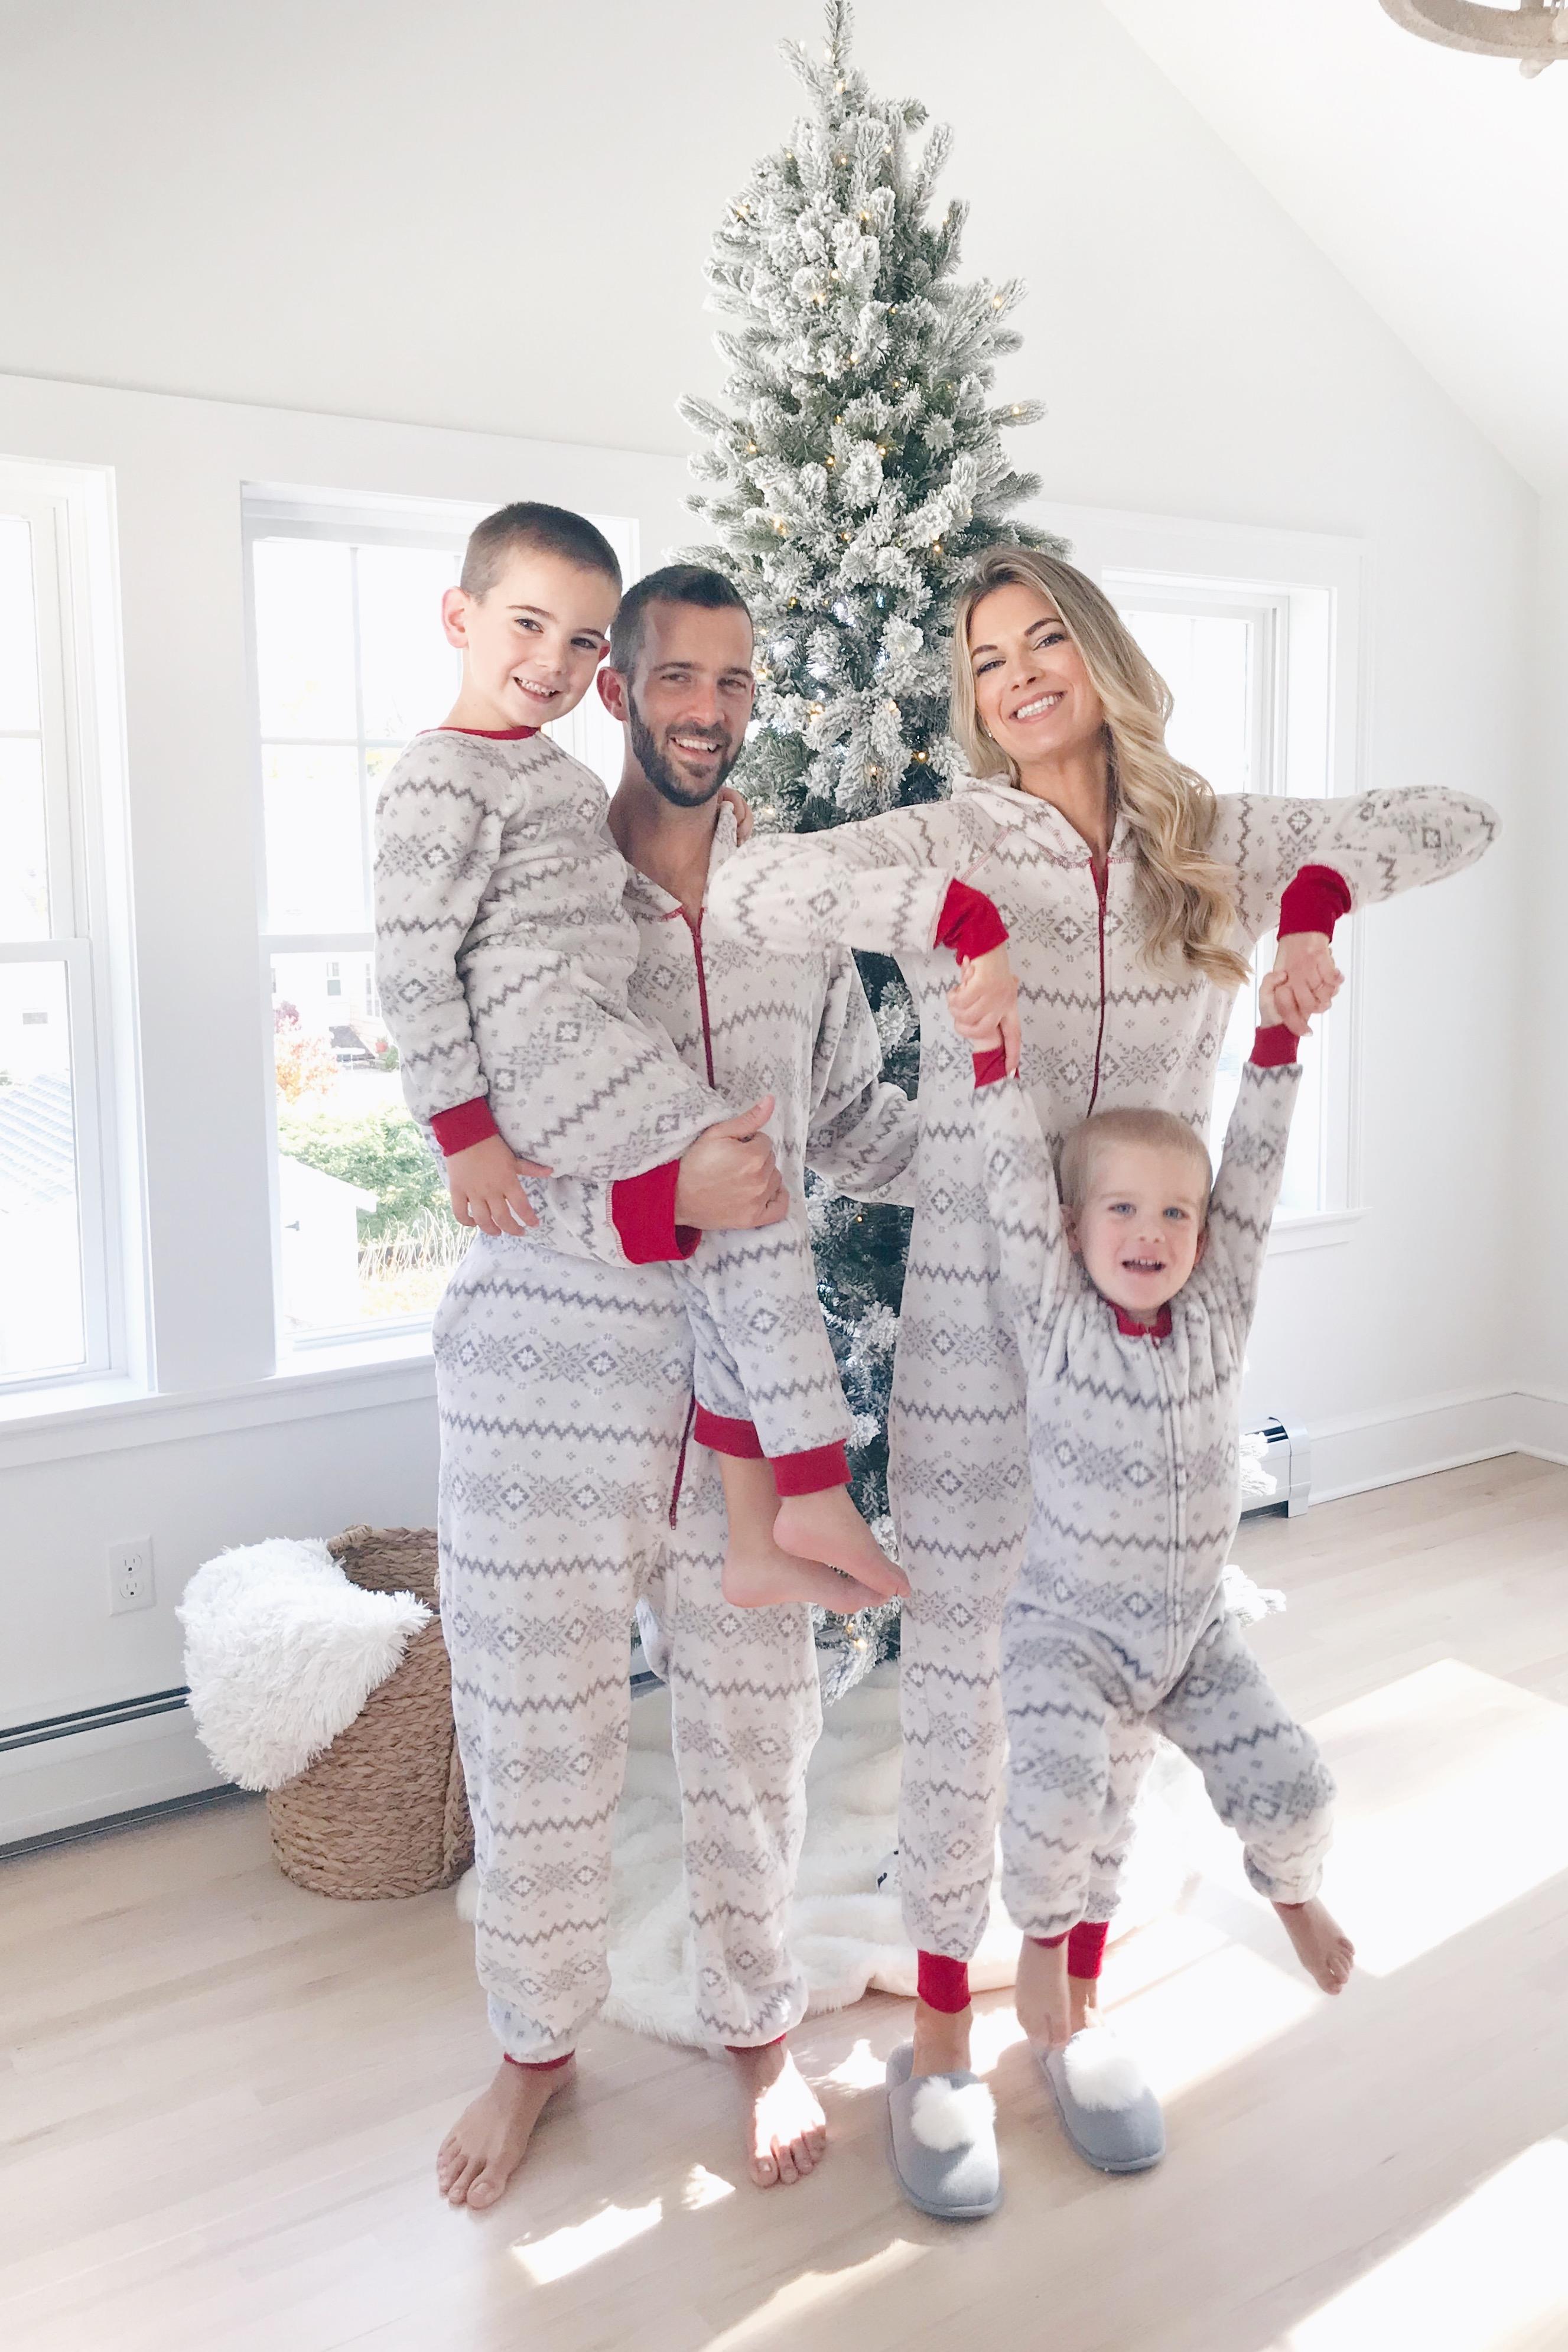 Family Christmas Pajamas.Family Holiday Pajamas 2018 Pinteresting Plans Lifestyle Blog